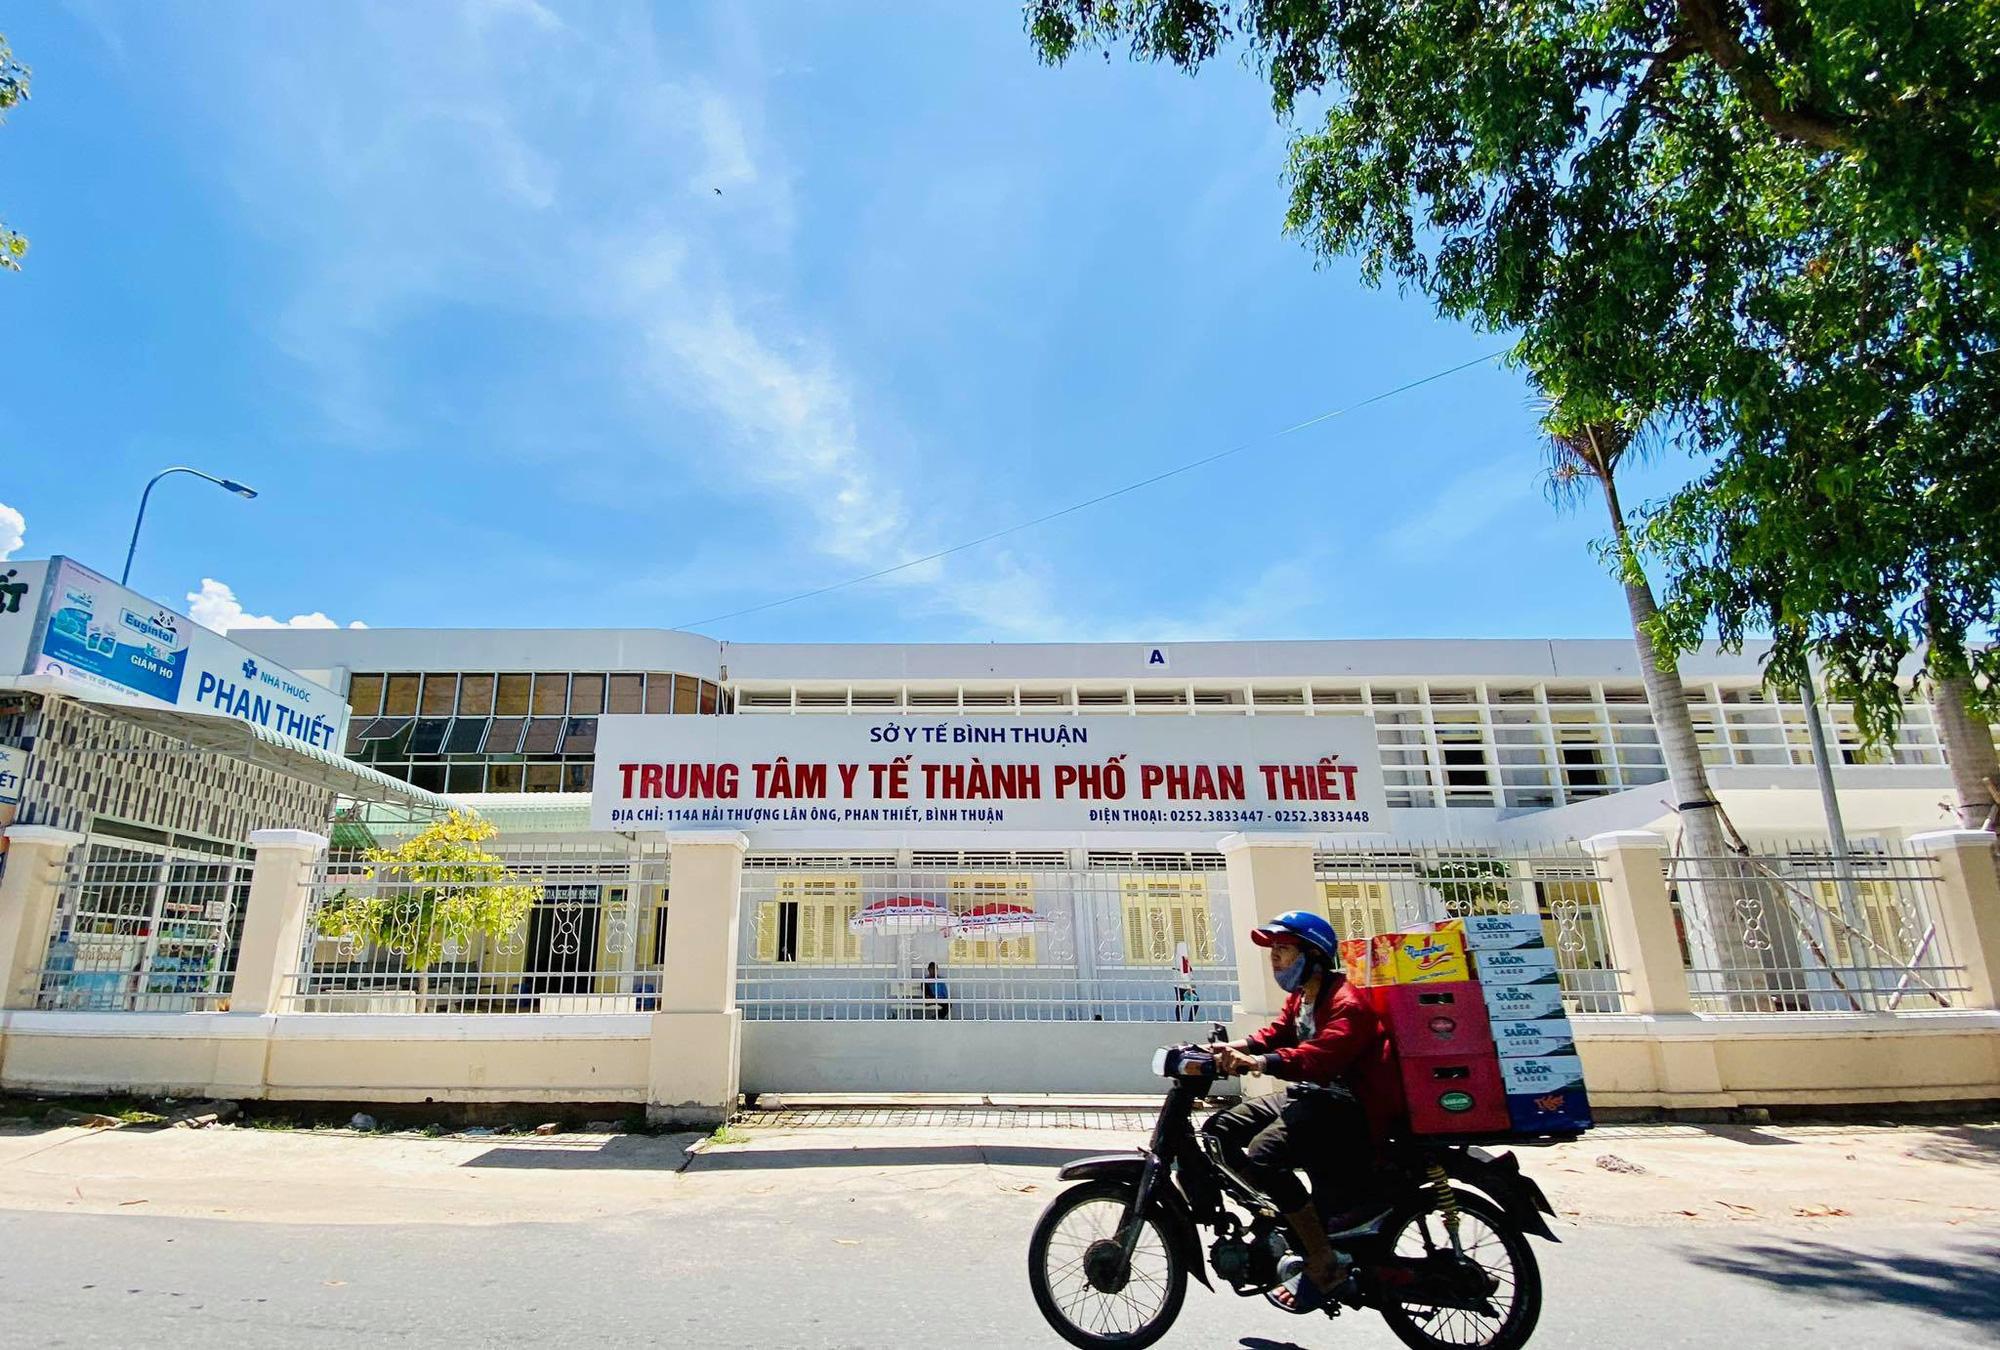 Truy tố dàn nguyên lãnh đạo Trung tâm Y tế thành phố Phan Thiết - Ảnh 2.